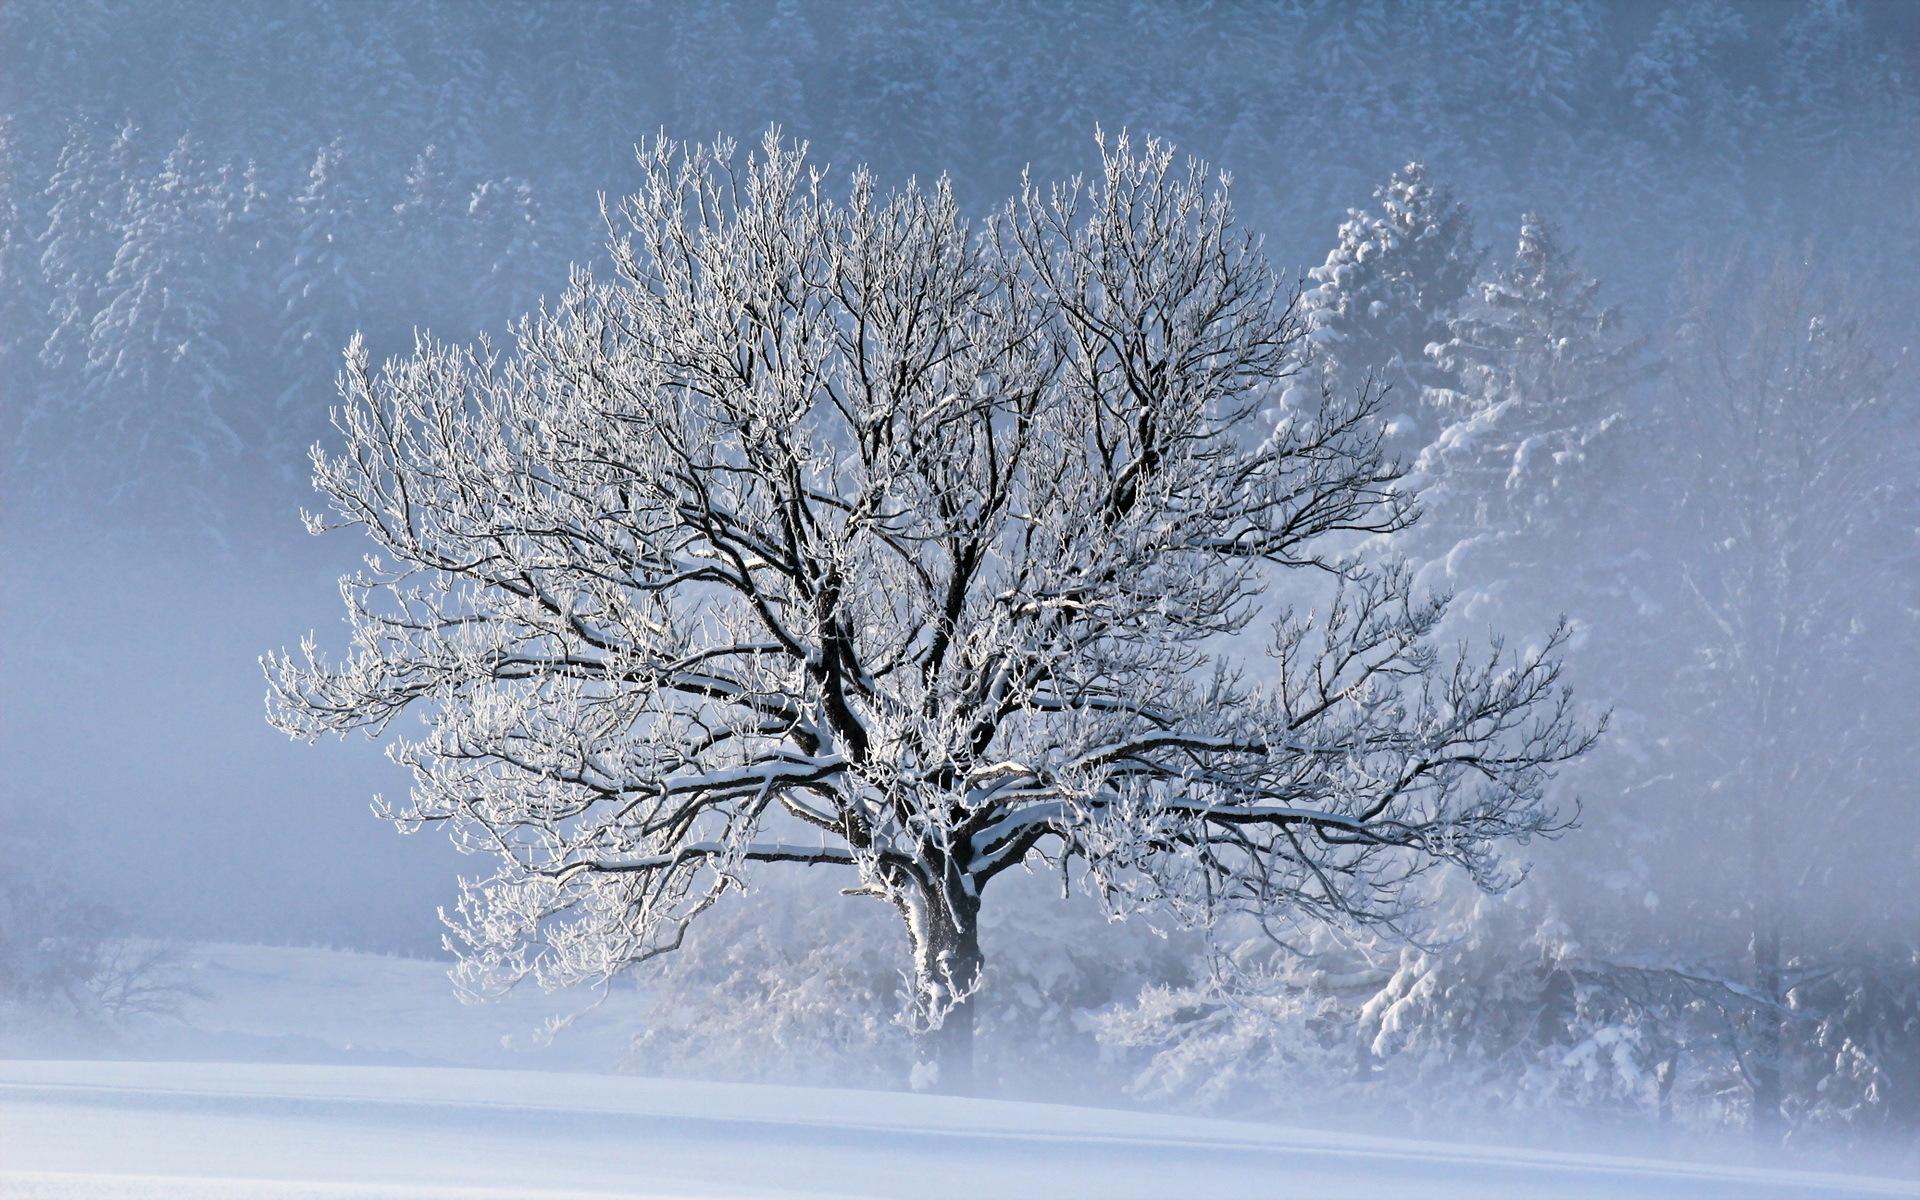 Сделать, картинка с деревьями в снегу